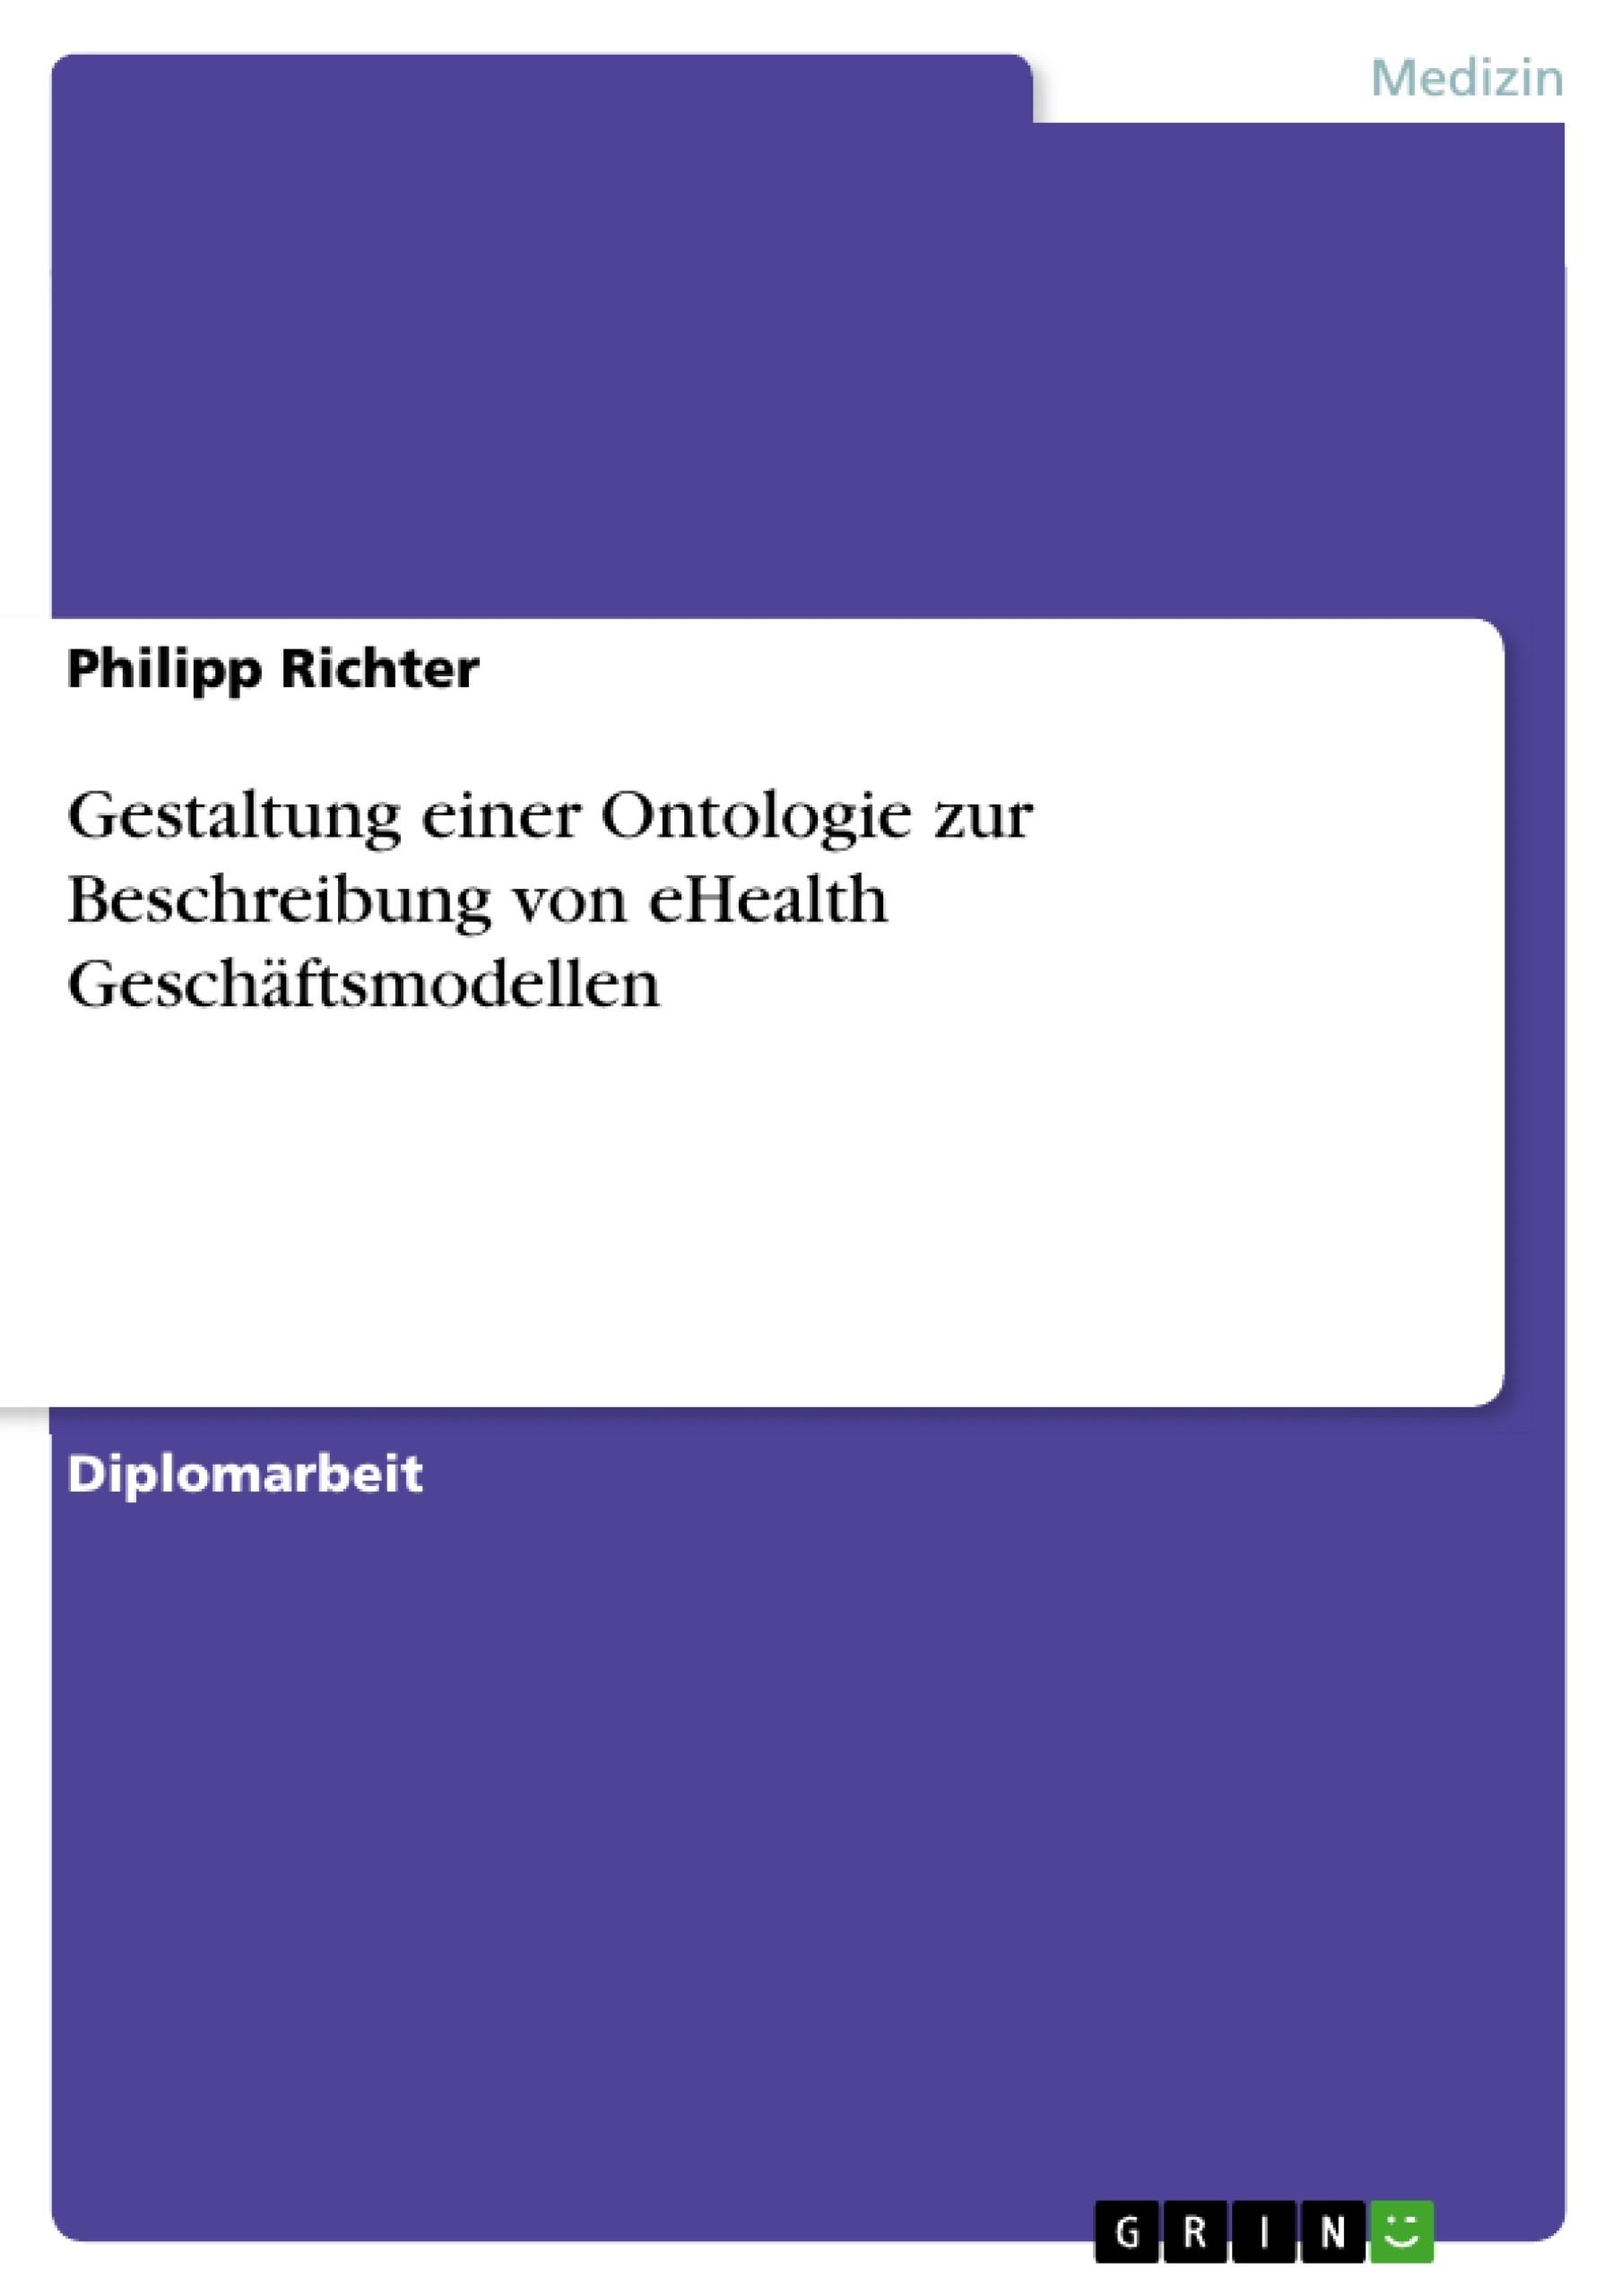 Titel: Gestaltung einer Ontologie zur Beschreibung von eHealth Geschäftsmodellen